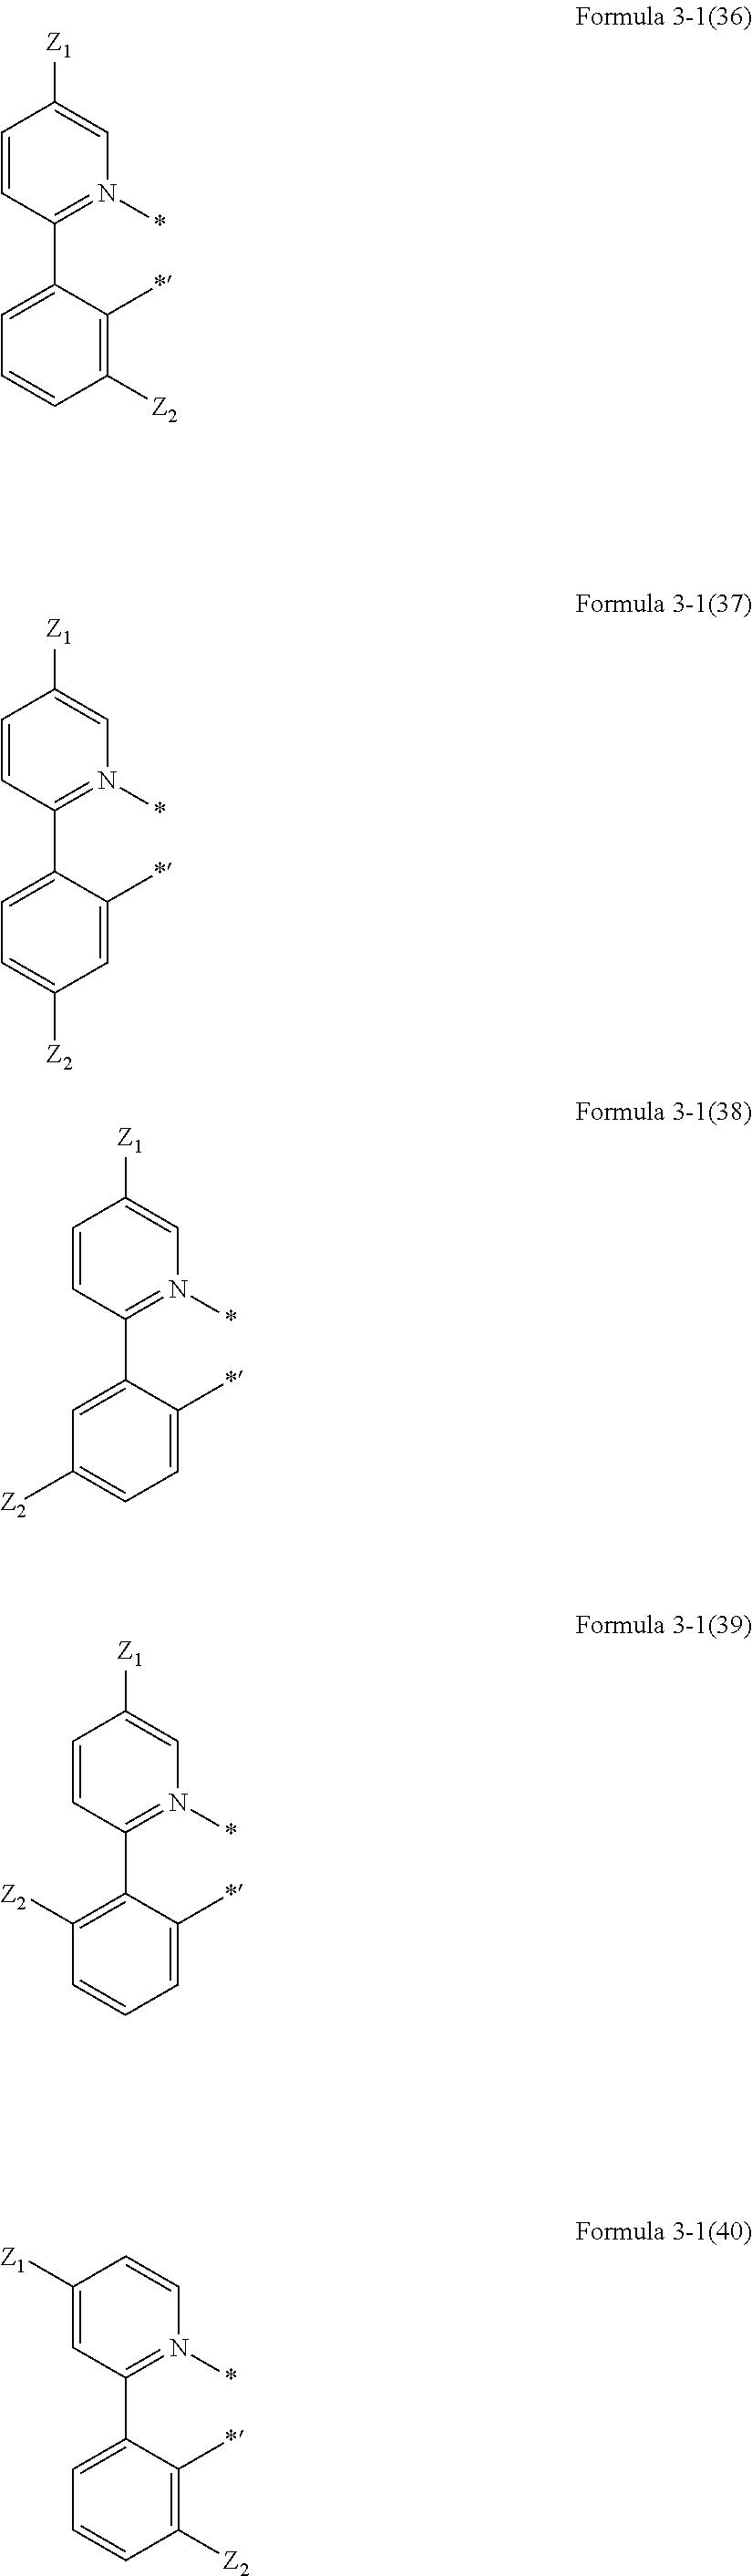 Figure US20160155962A1-20160602-C00054